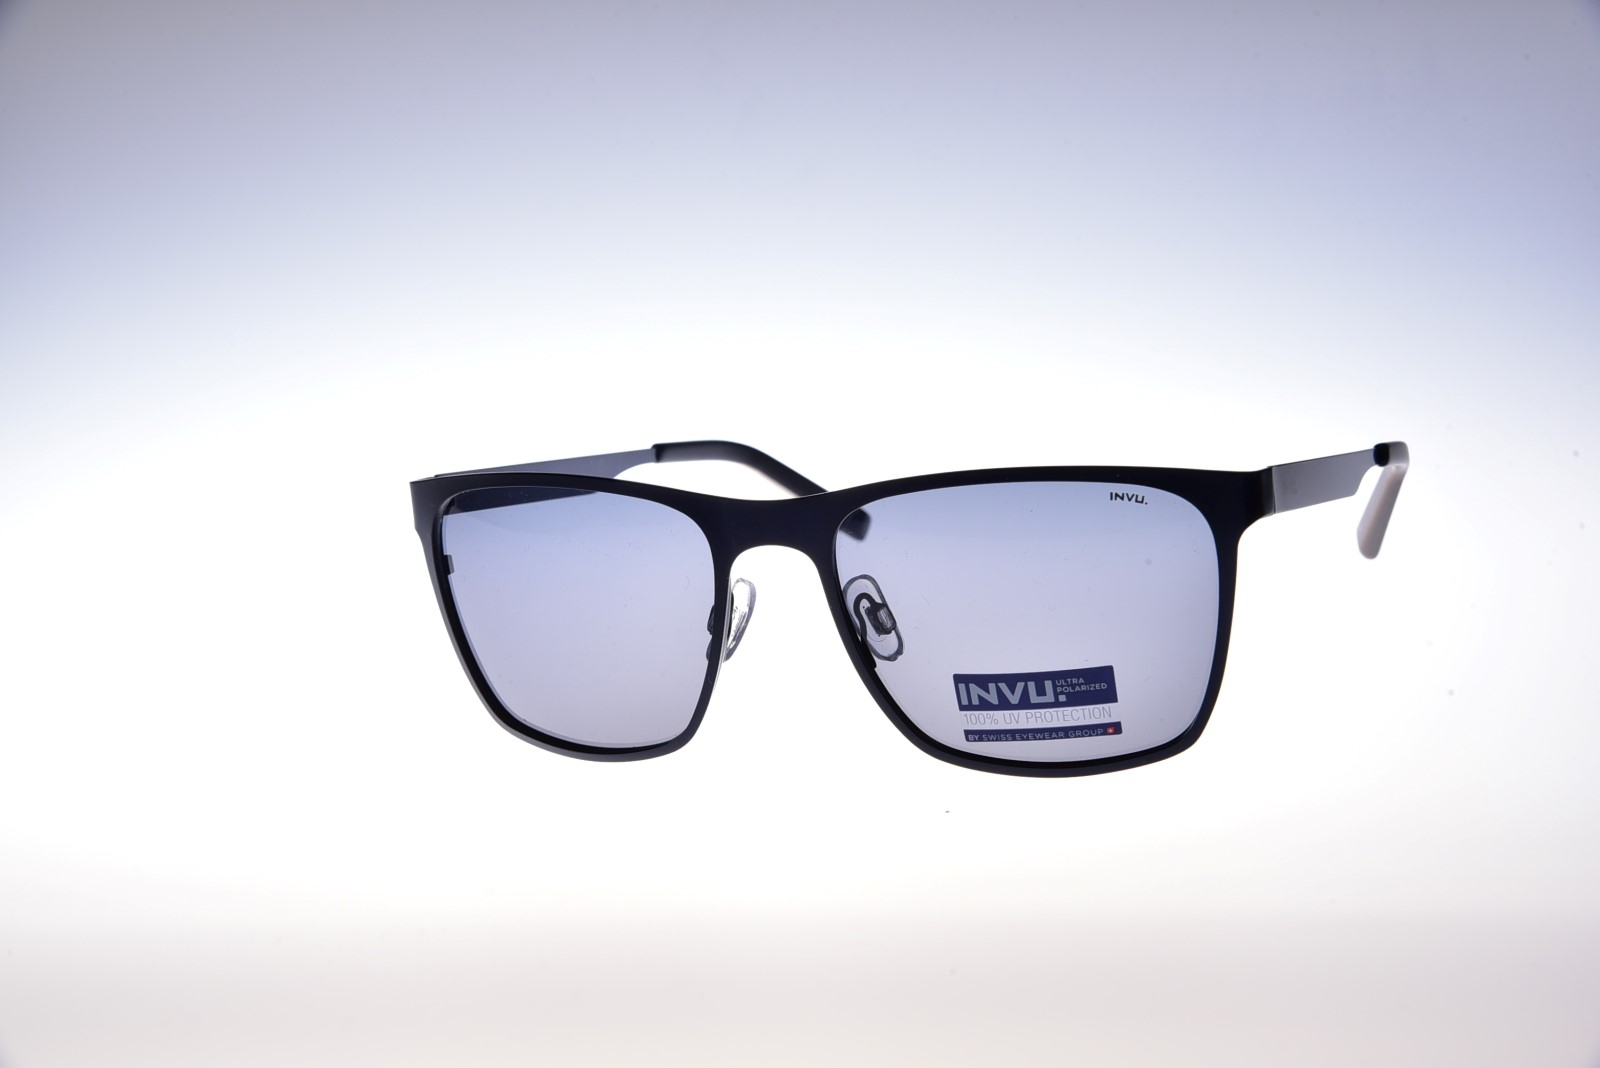 INVU. Classic B1803C - Pánske slnečné okuliare